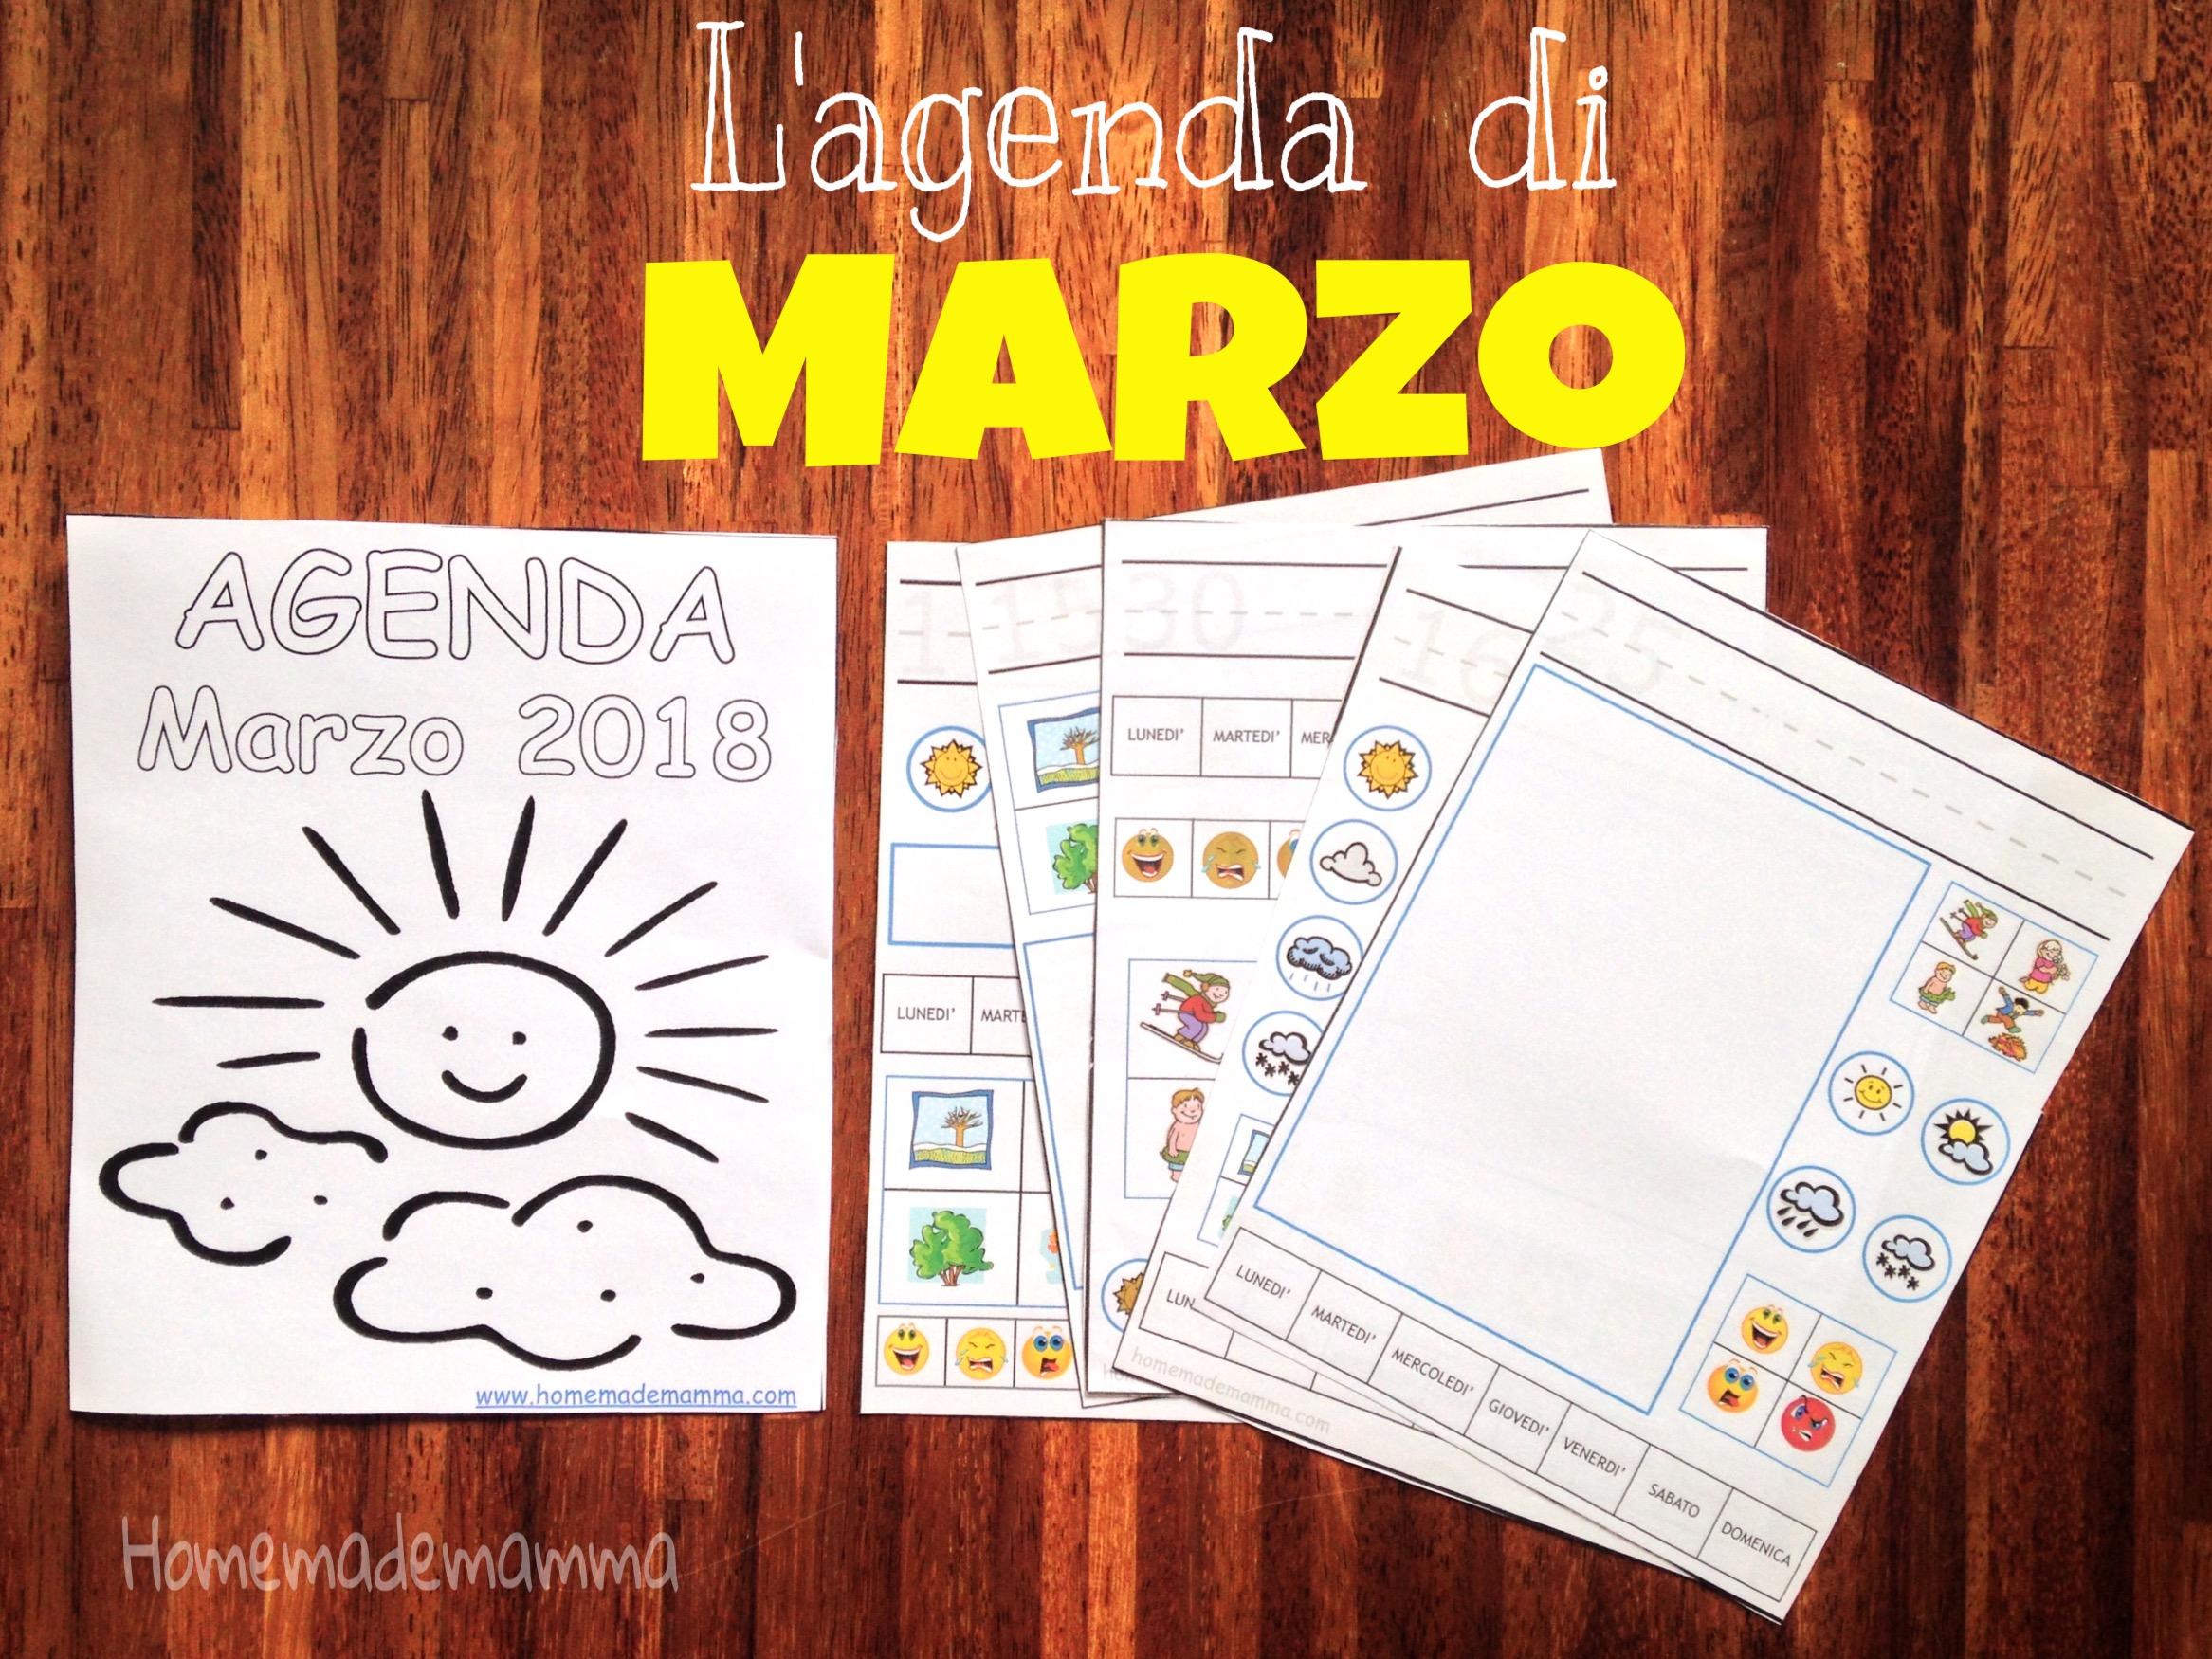 agenda mensile marzo 2018 bambini da stampare gratis